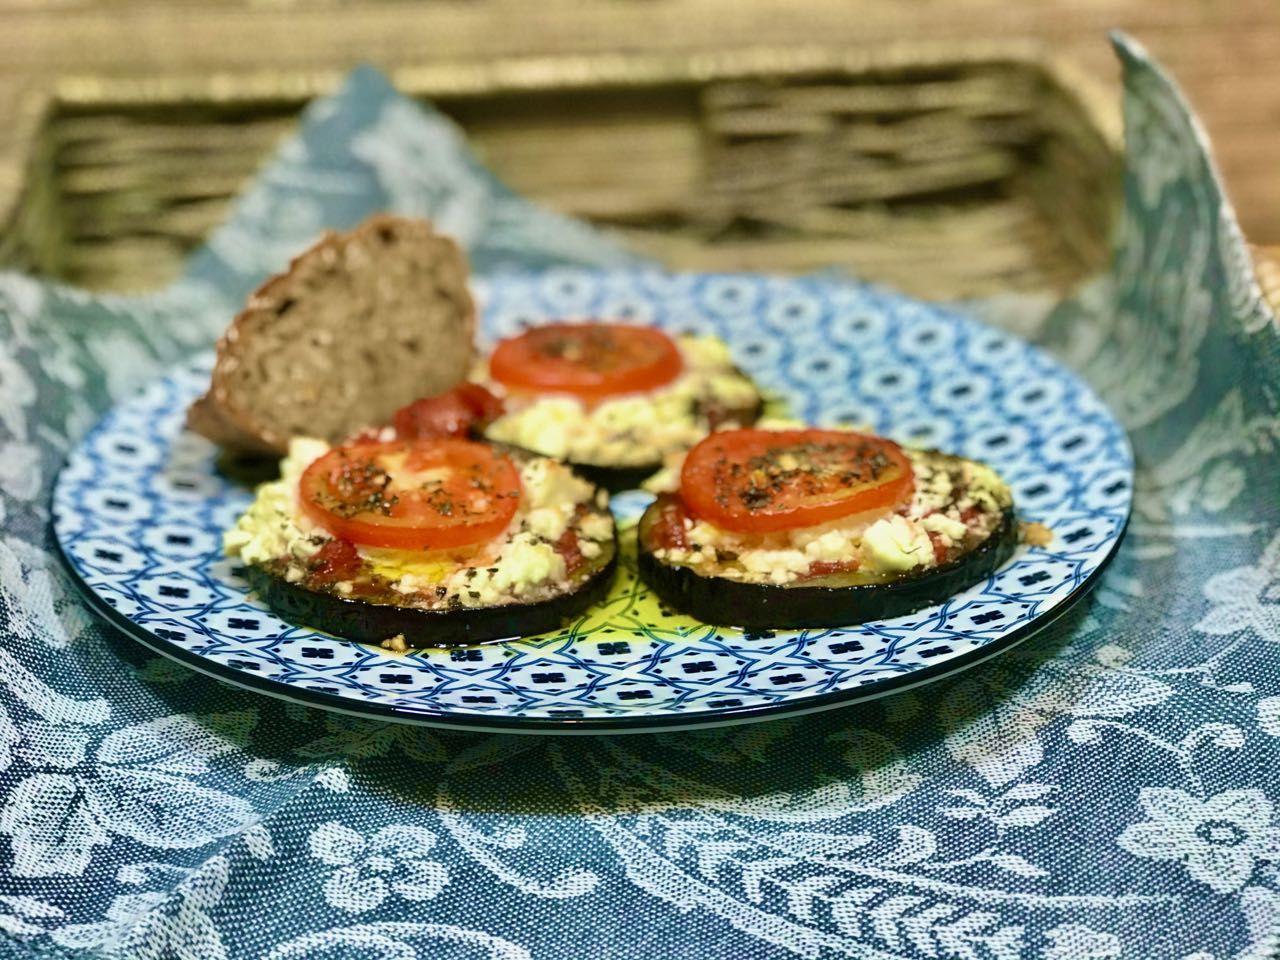 Lilkové minipizzy - lilek, rajčata, sýr, bylinky